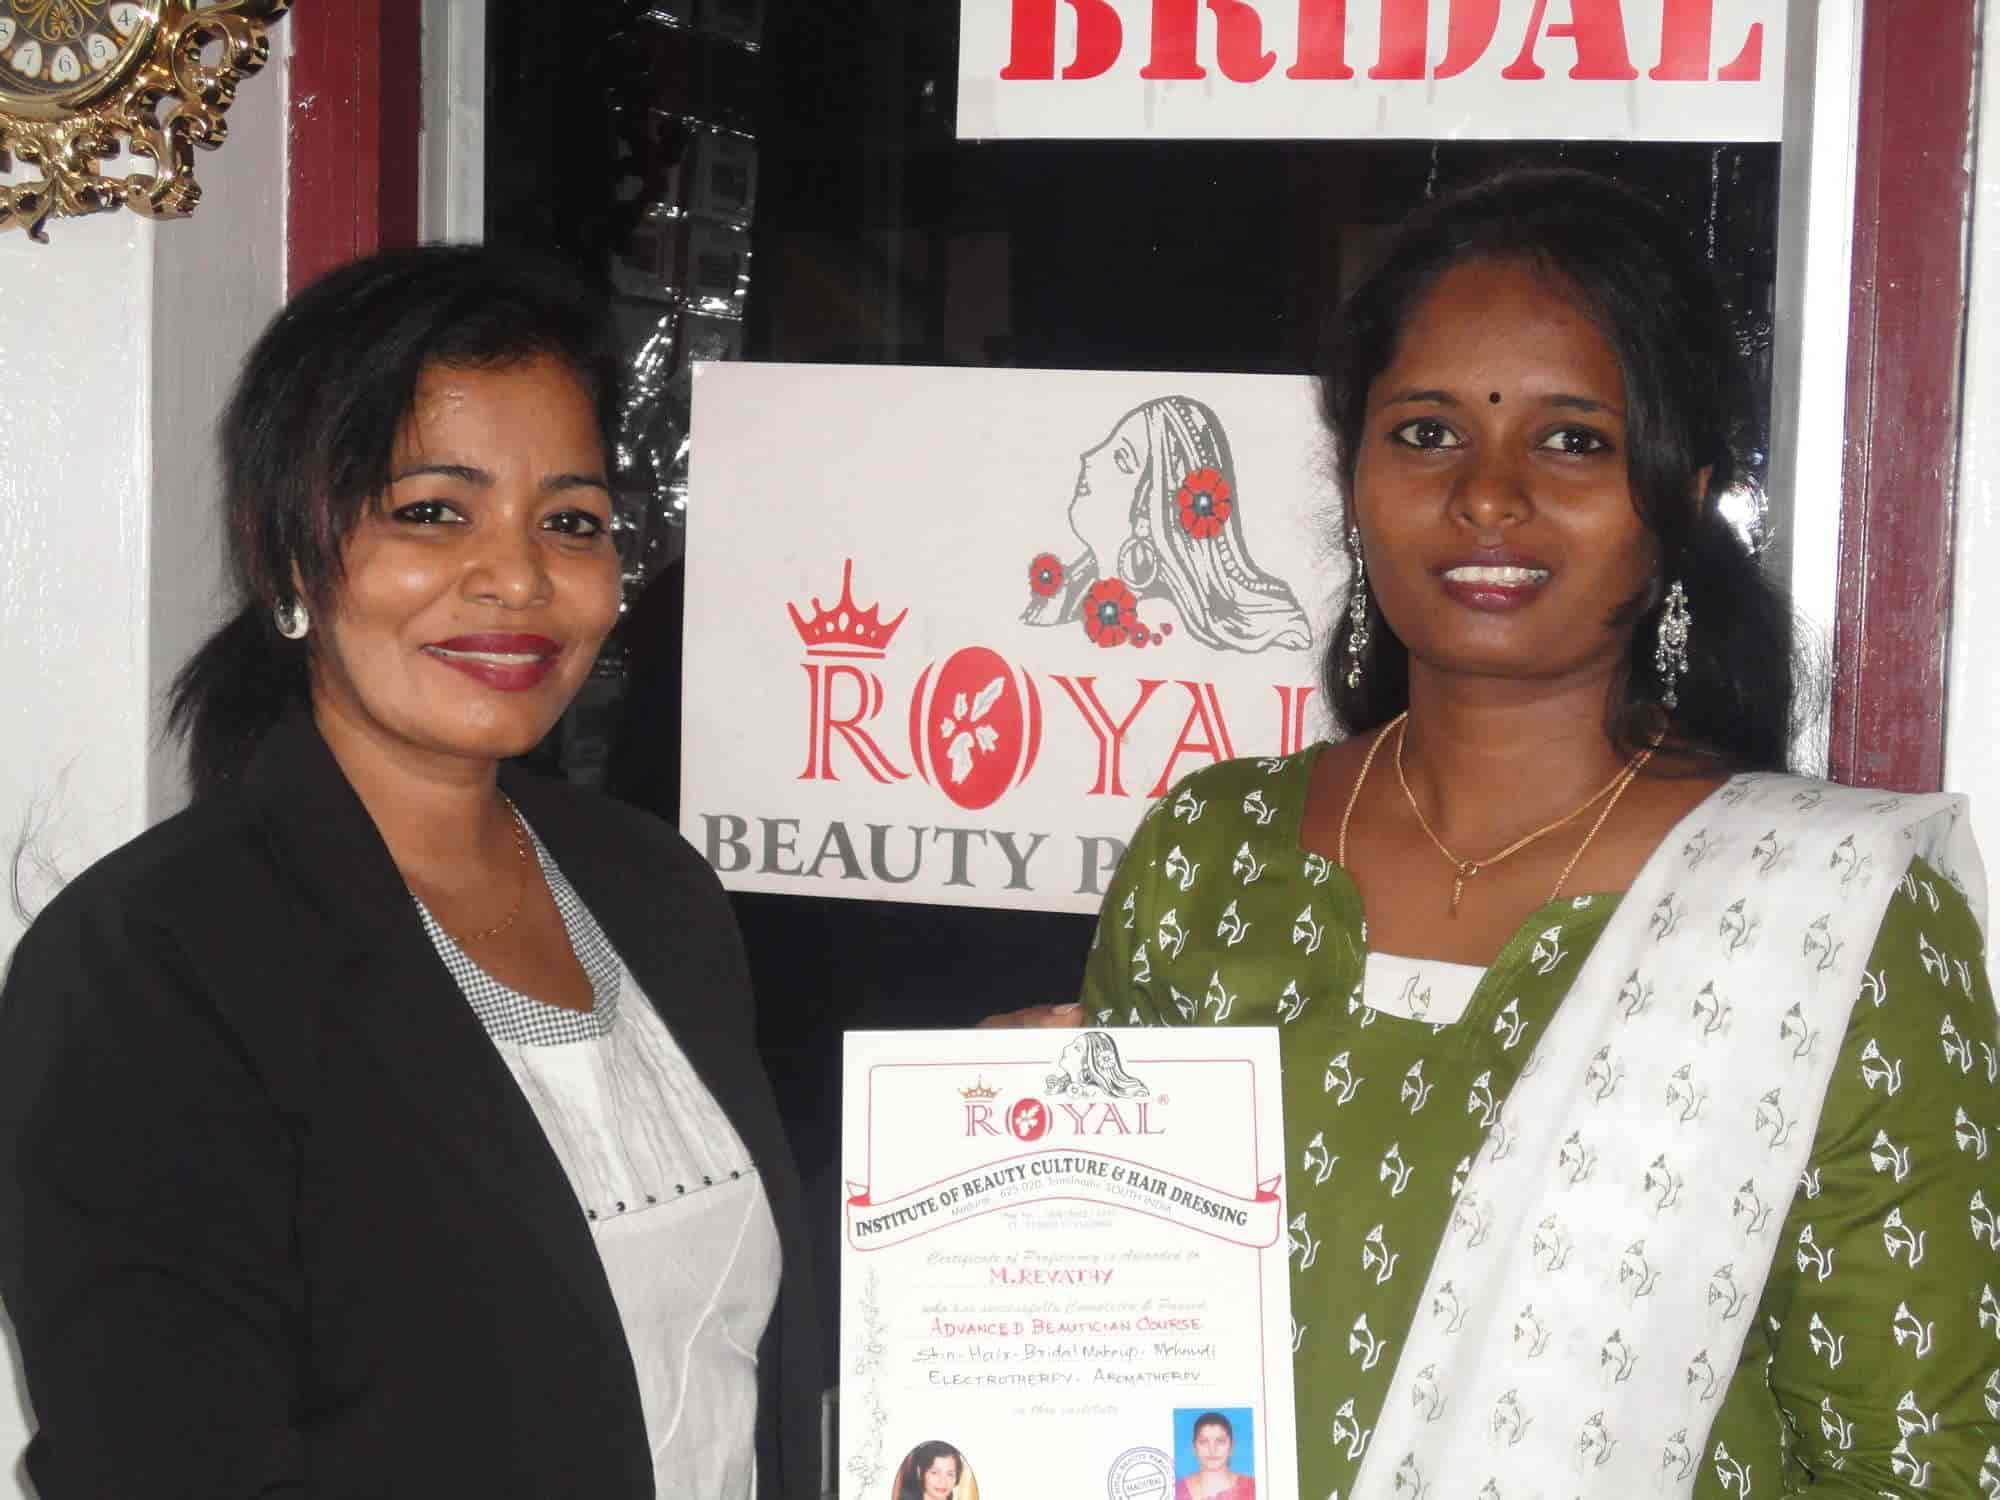 Royal Beauty Parlour & Training Centre, Kk Nagar Madurai